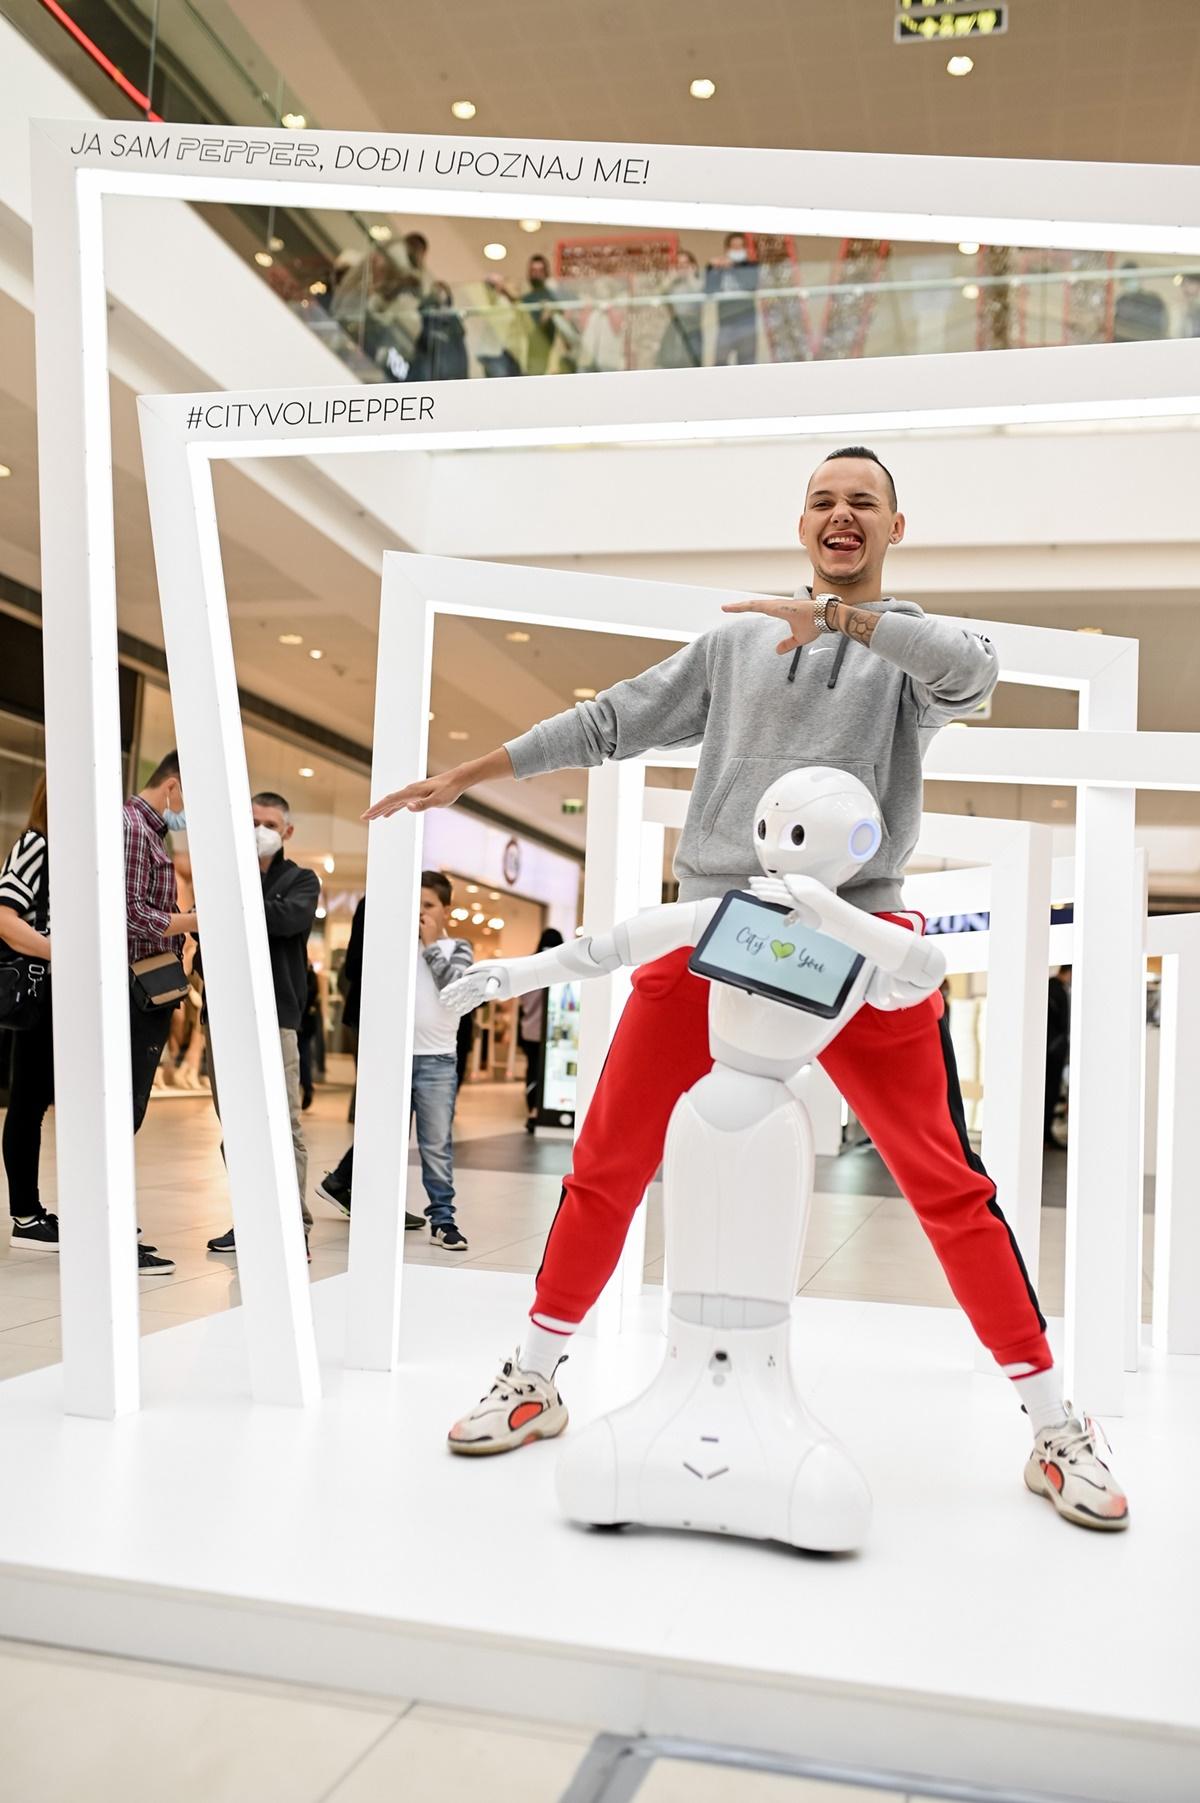 Upoznajte Pepper - prvog humanoidnog robota u shopping centru